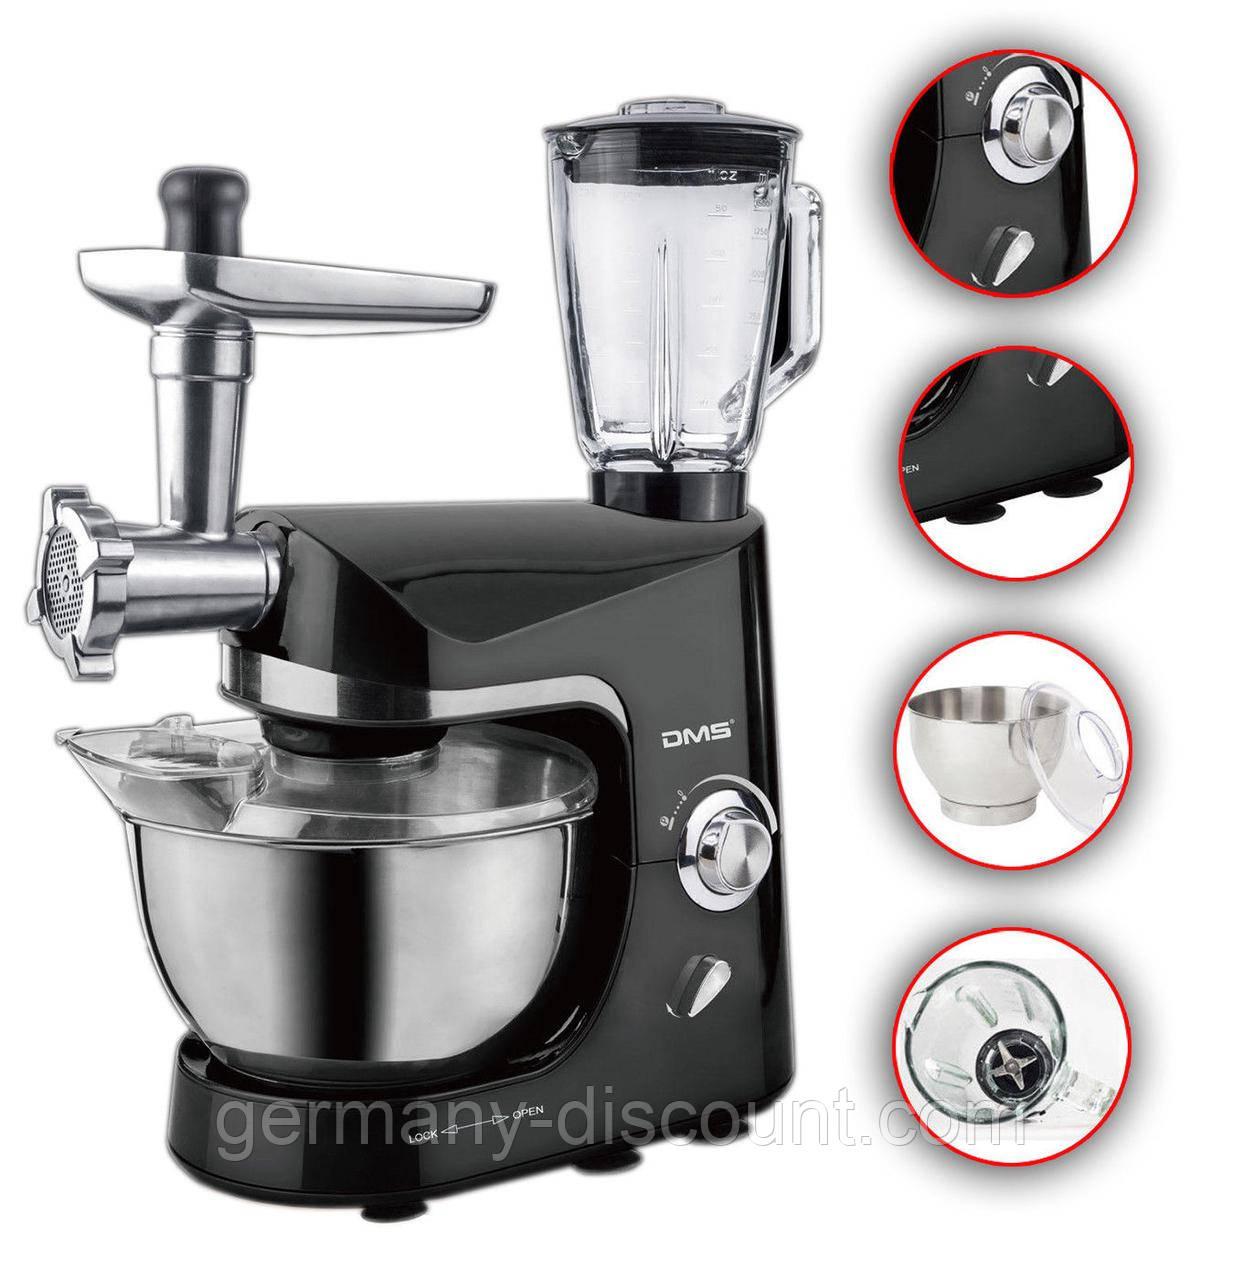 Профессиональный планетарный кухонный комбайн 3в1 DMS1800 Вт (Германия)